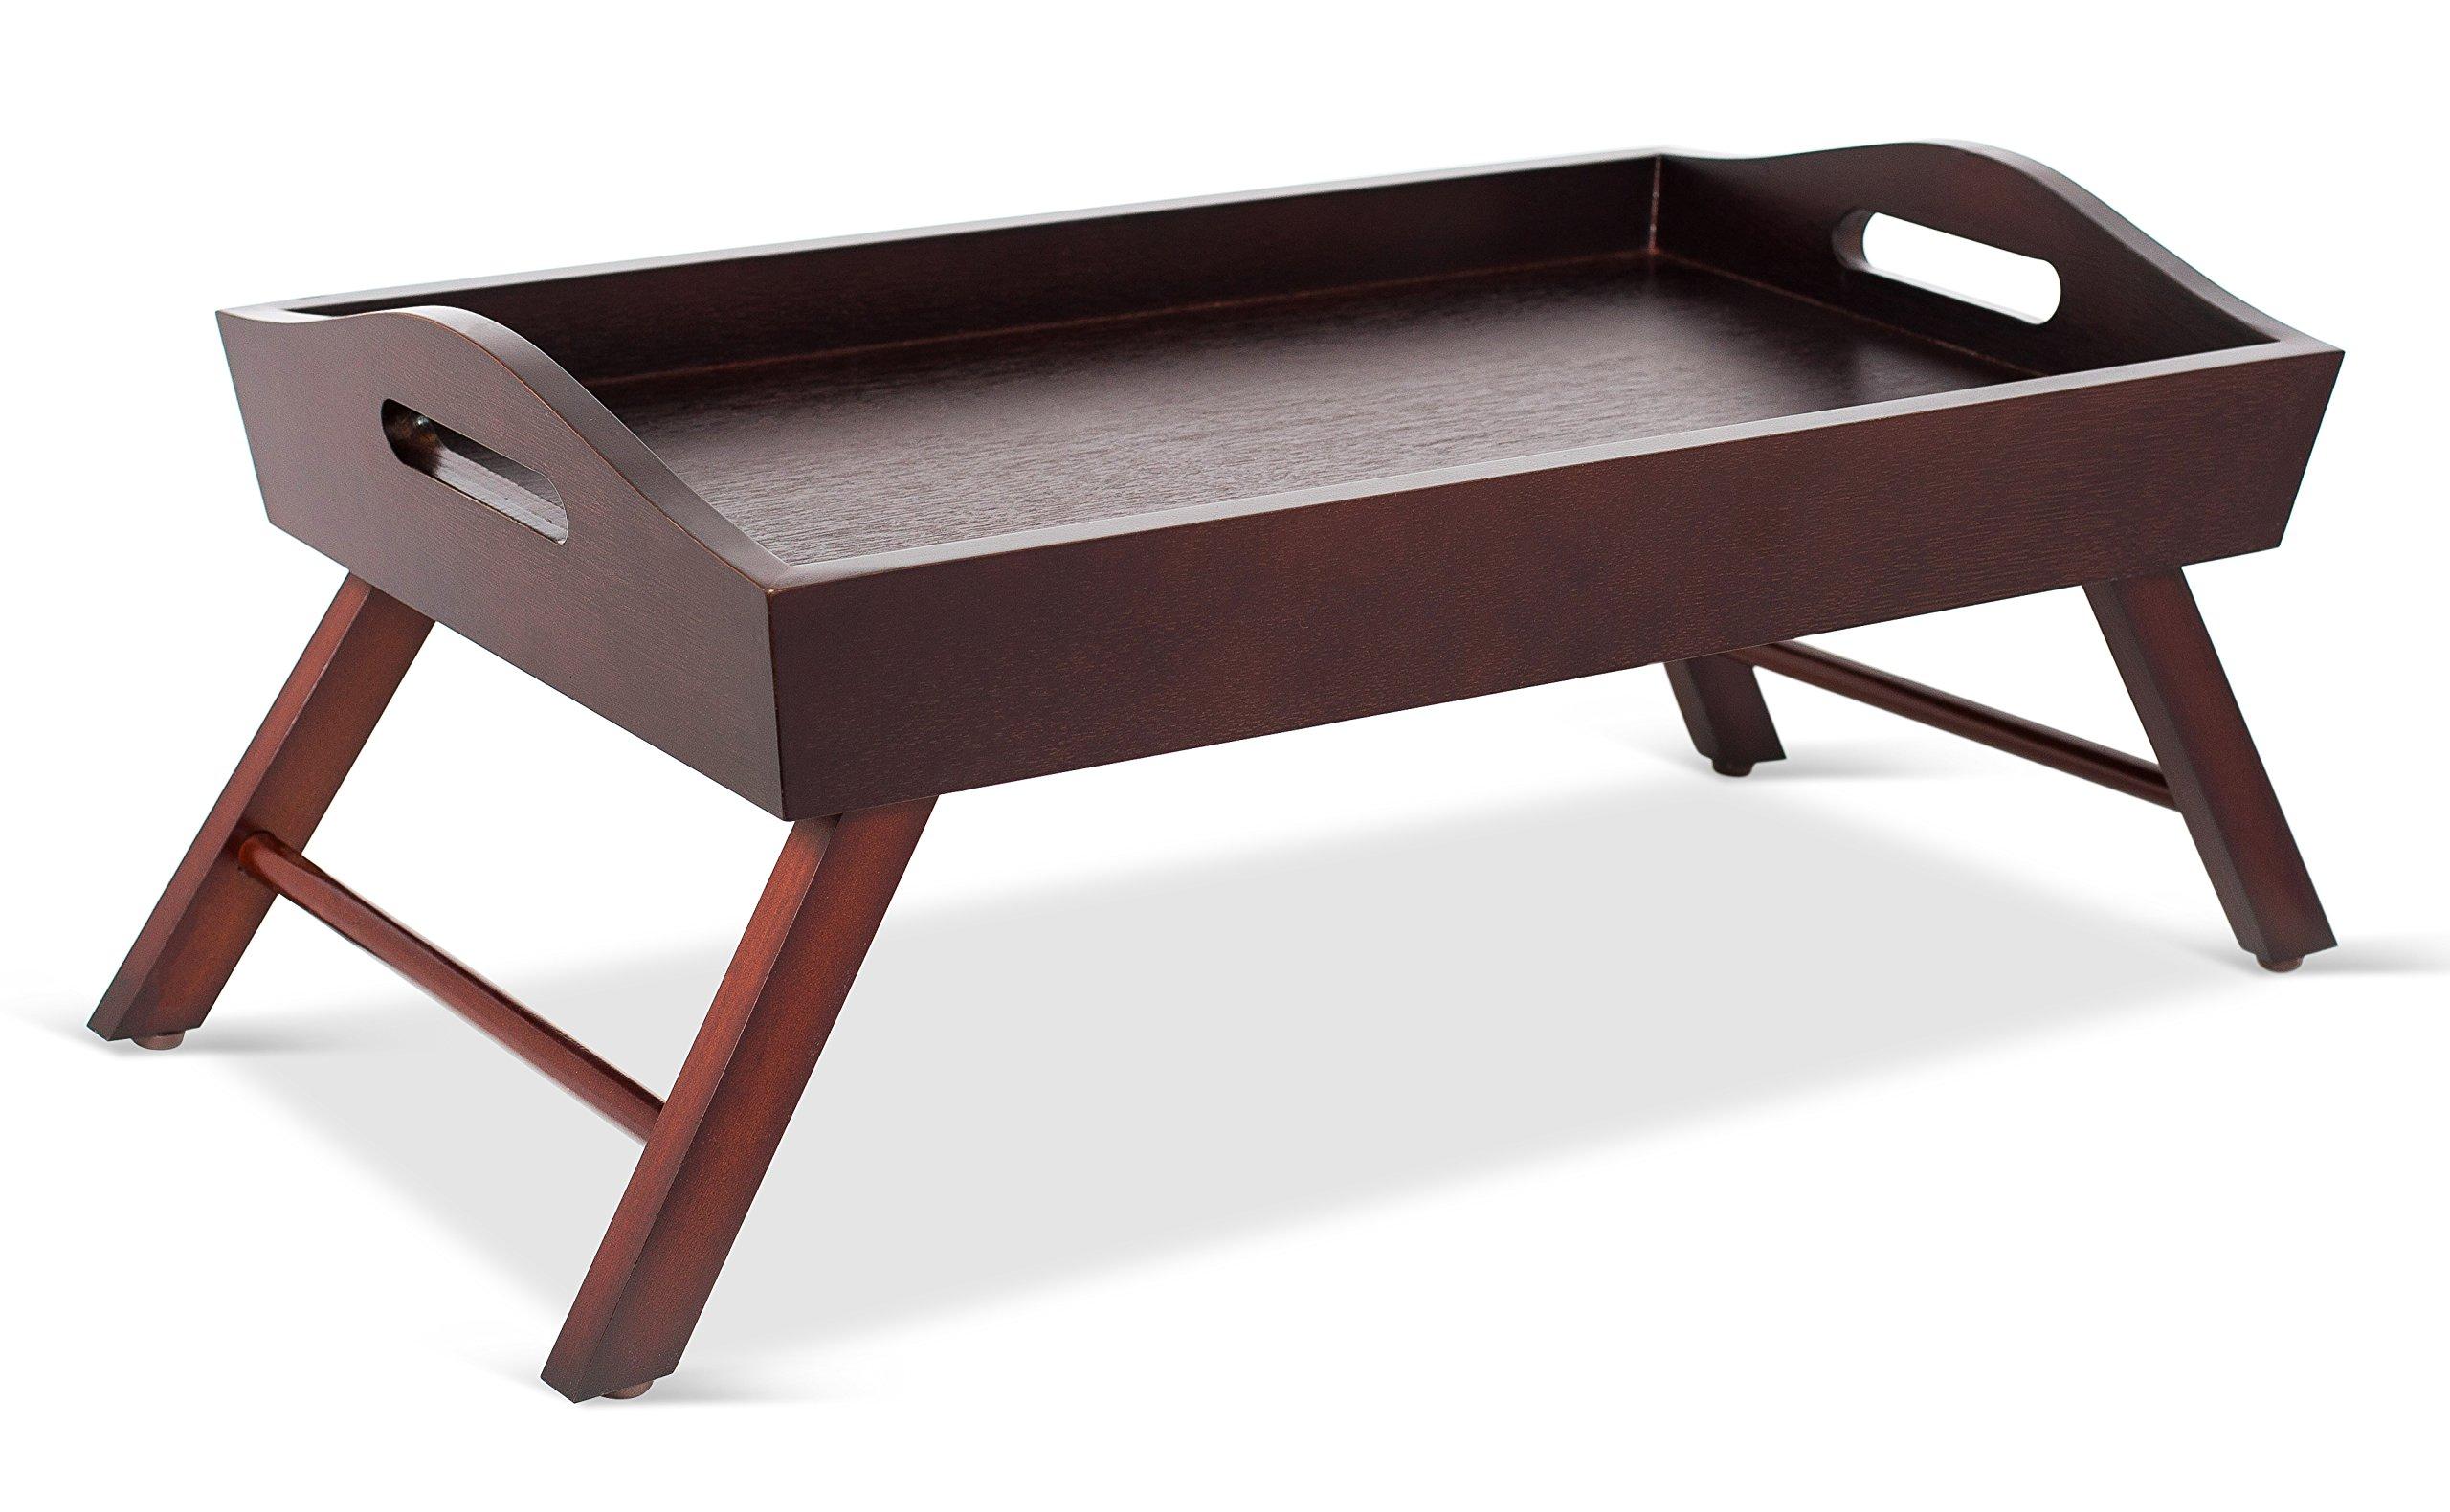 BirdRock Home Wood Bed Tray Folding Legs   Wide Breakfast Serving Tray Lap Desk Sides Handles   Walnut